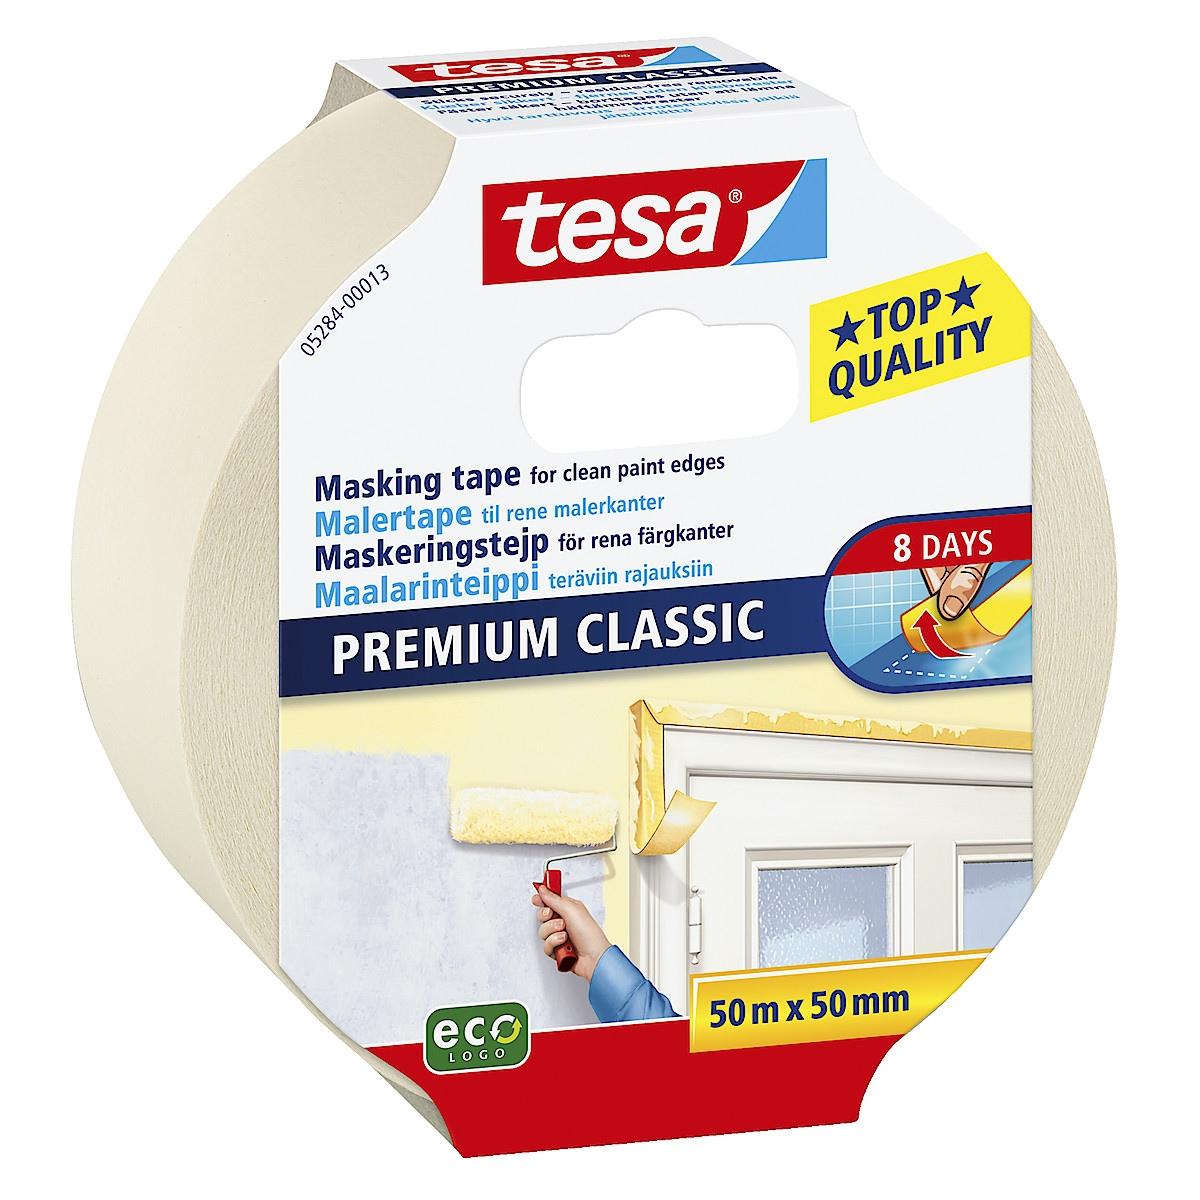 Tesa Premium Classic maskeringsteip